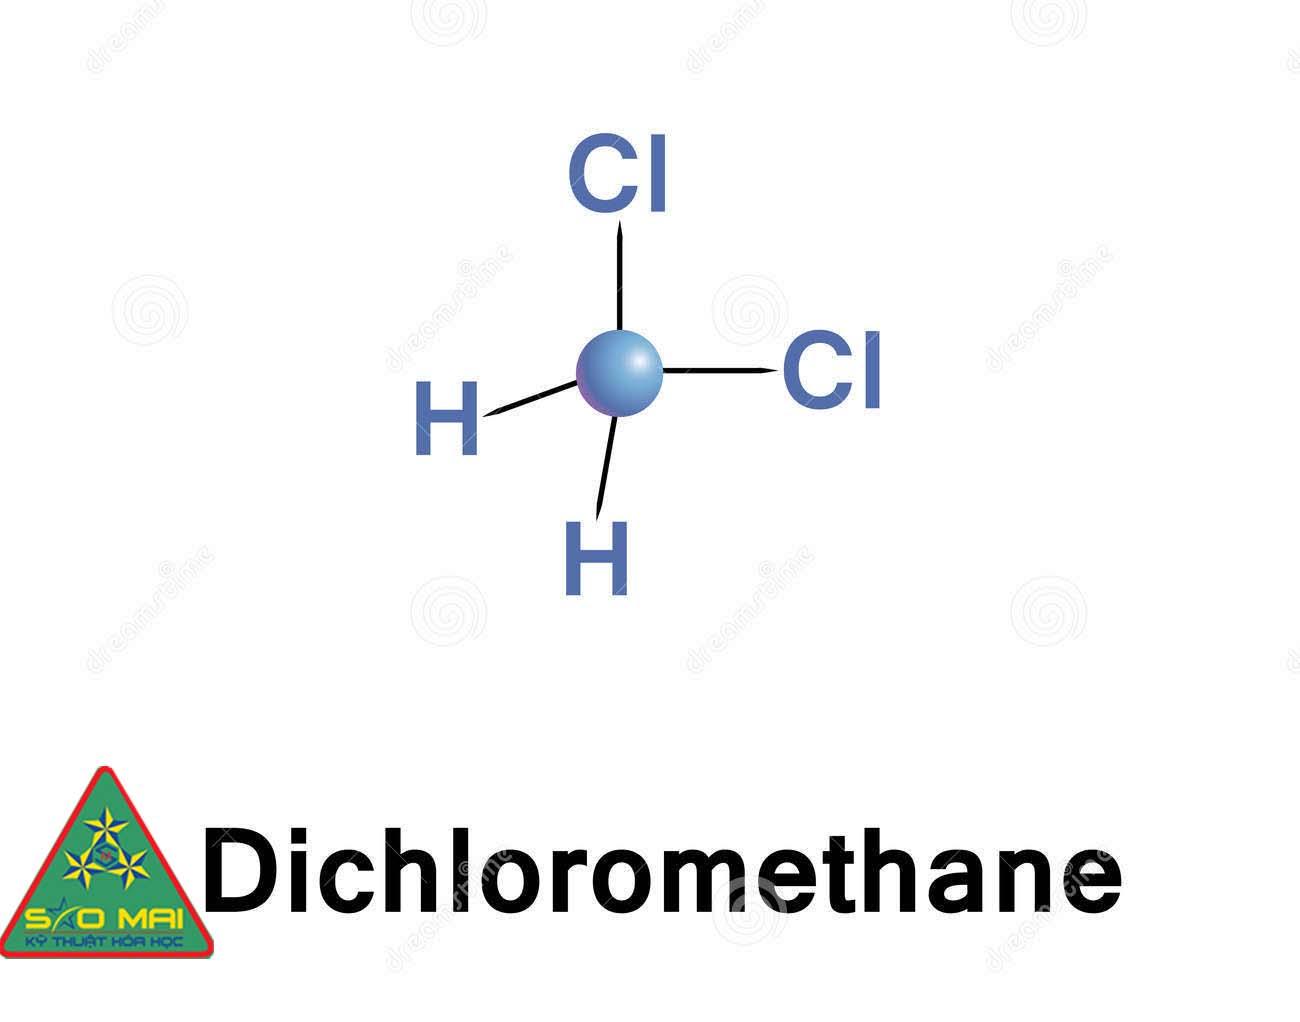 Cung cấp hóa chất Dichloromethane